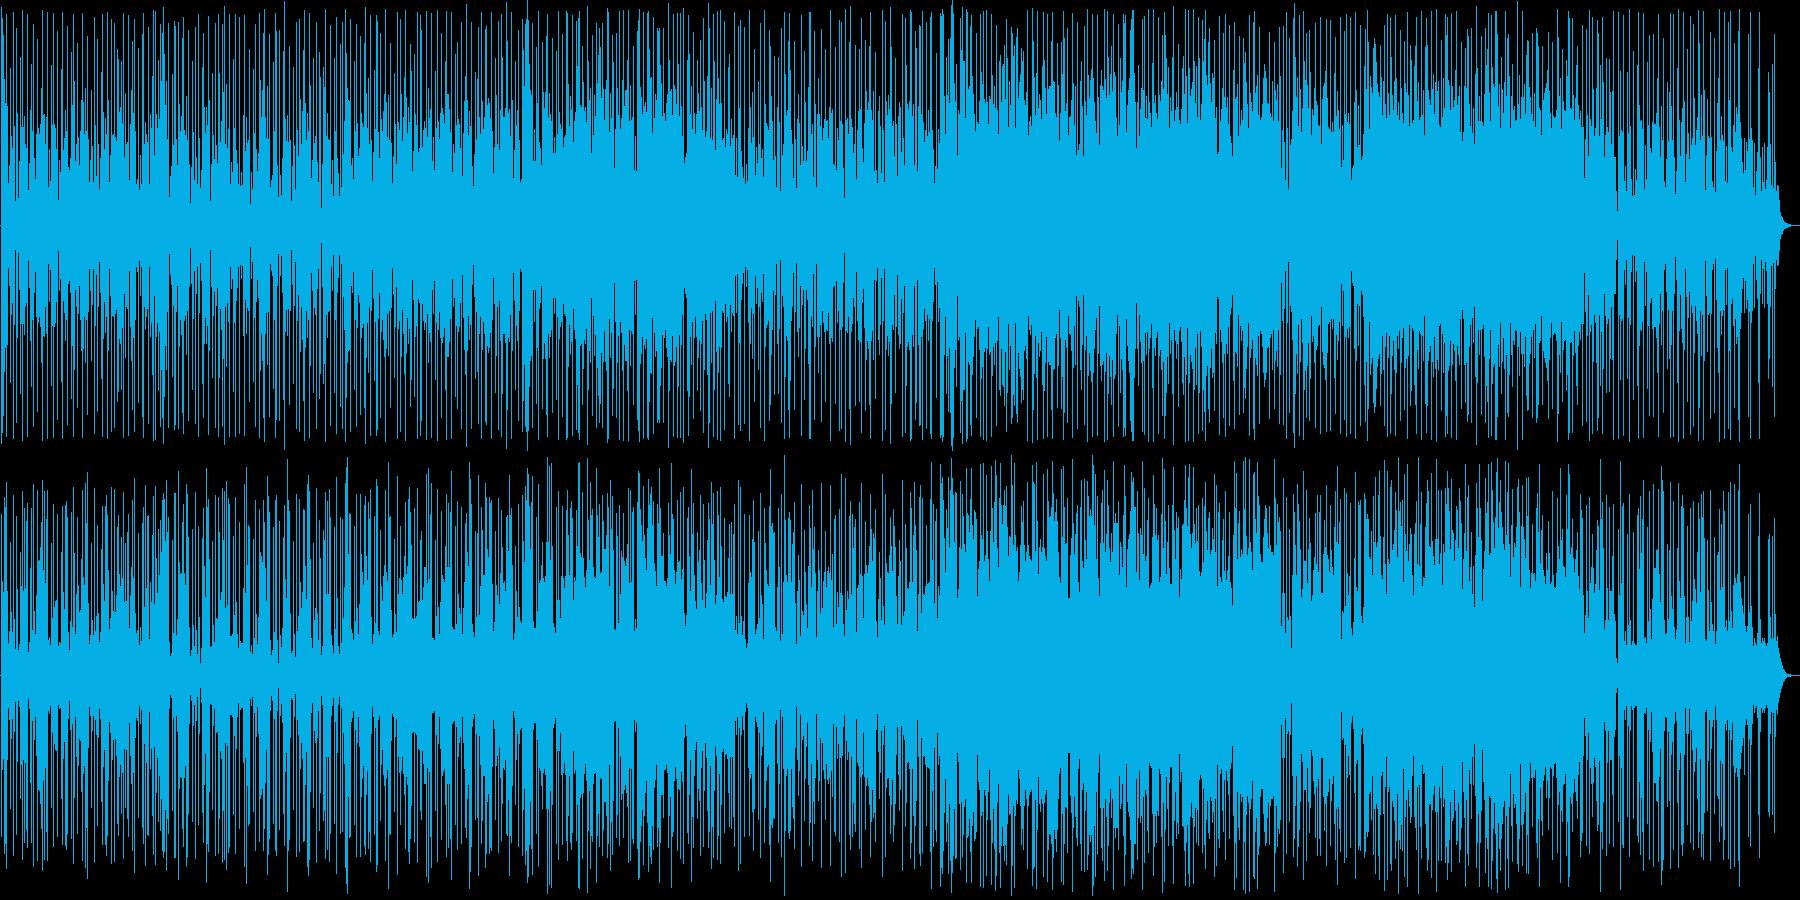 キラキラした印象の明るいバラード3の再生済みの波形